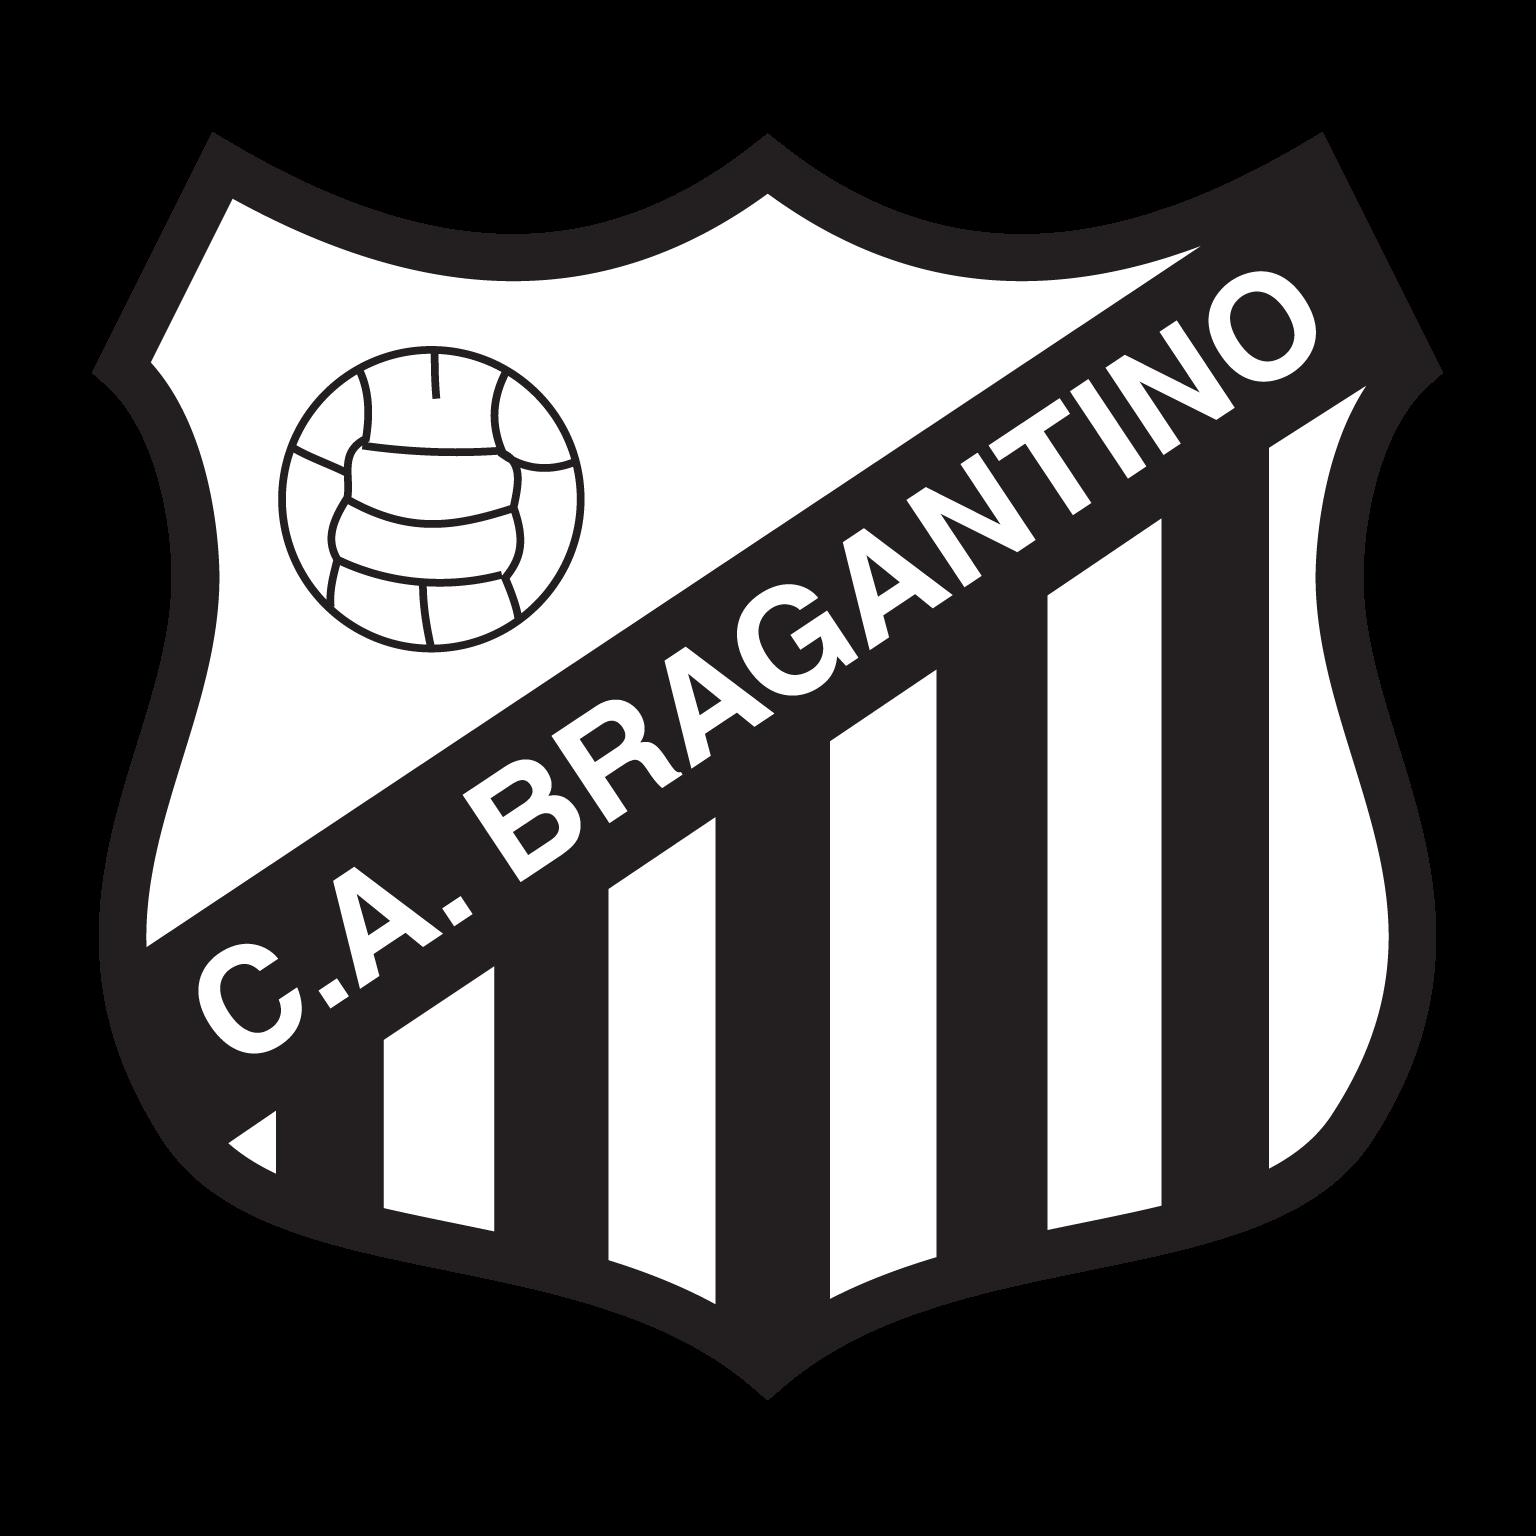 Time Bragantino